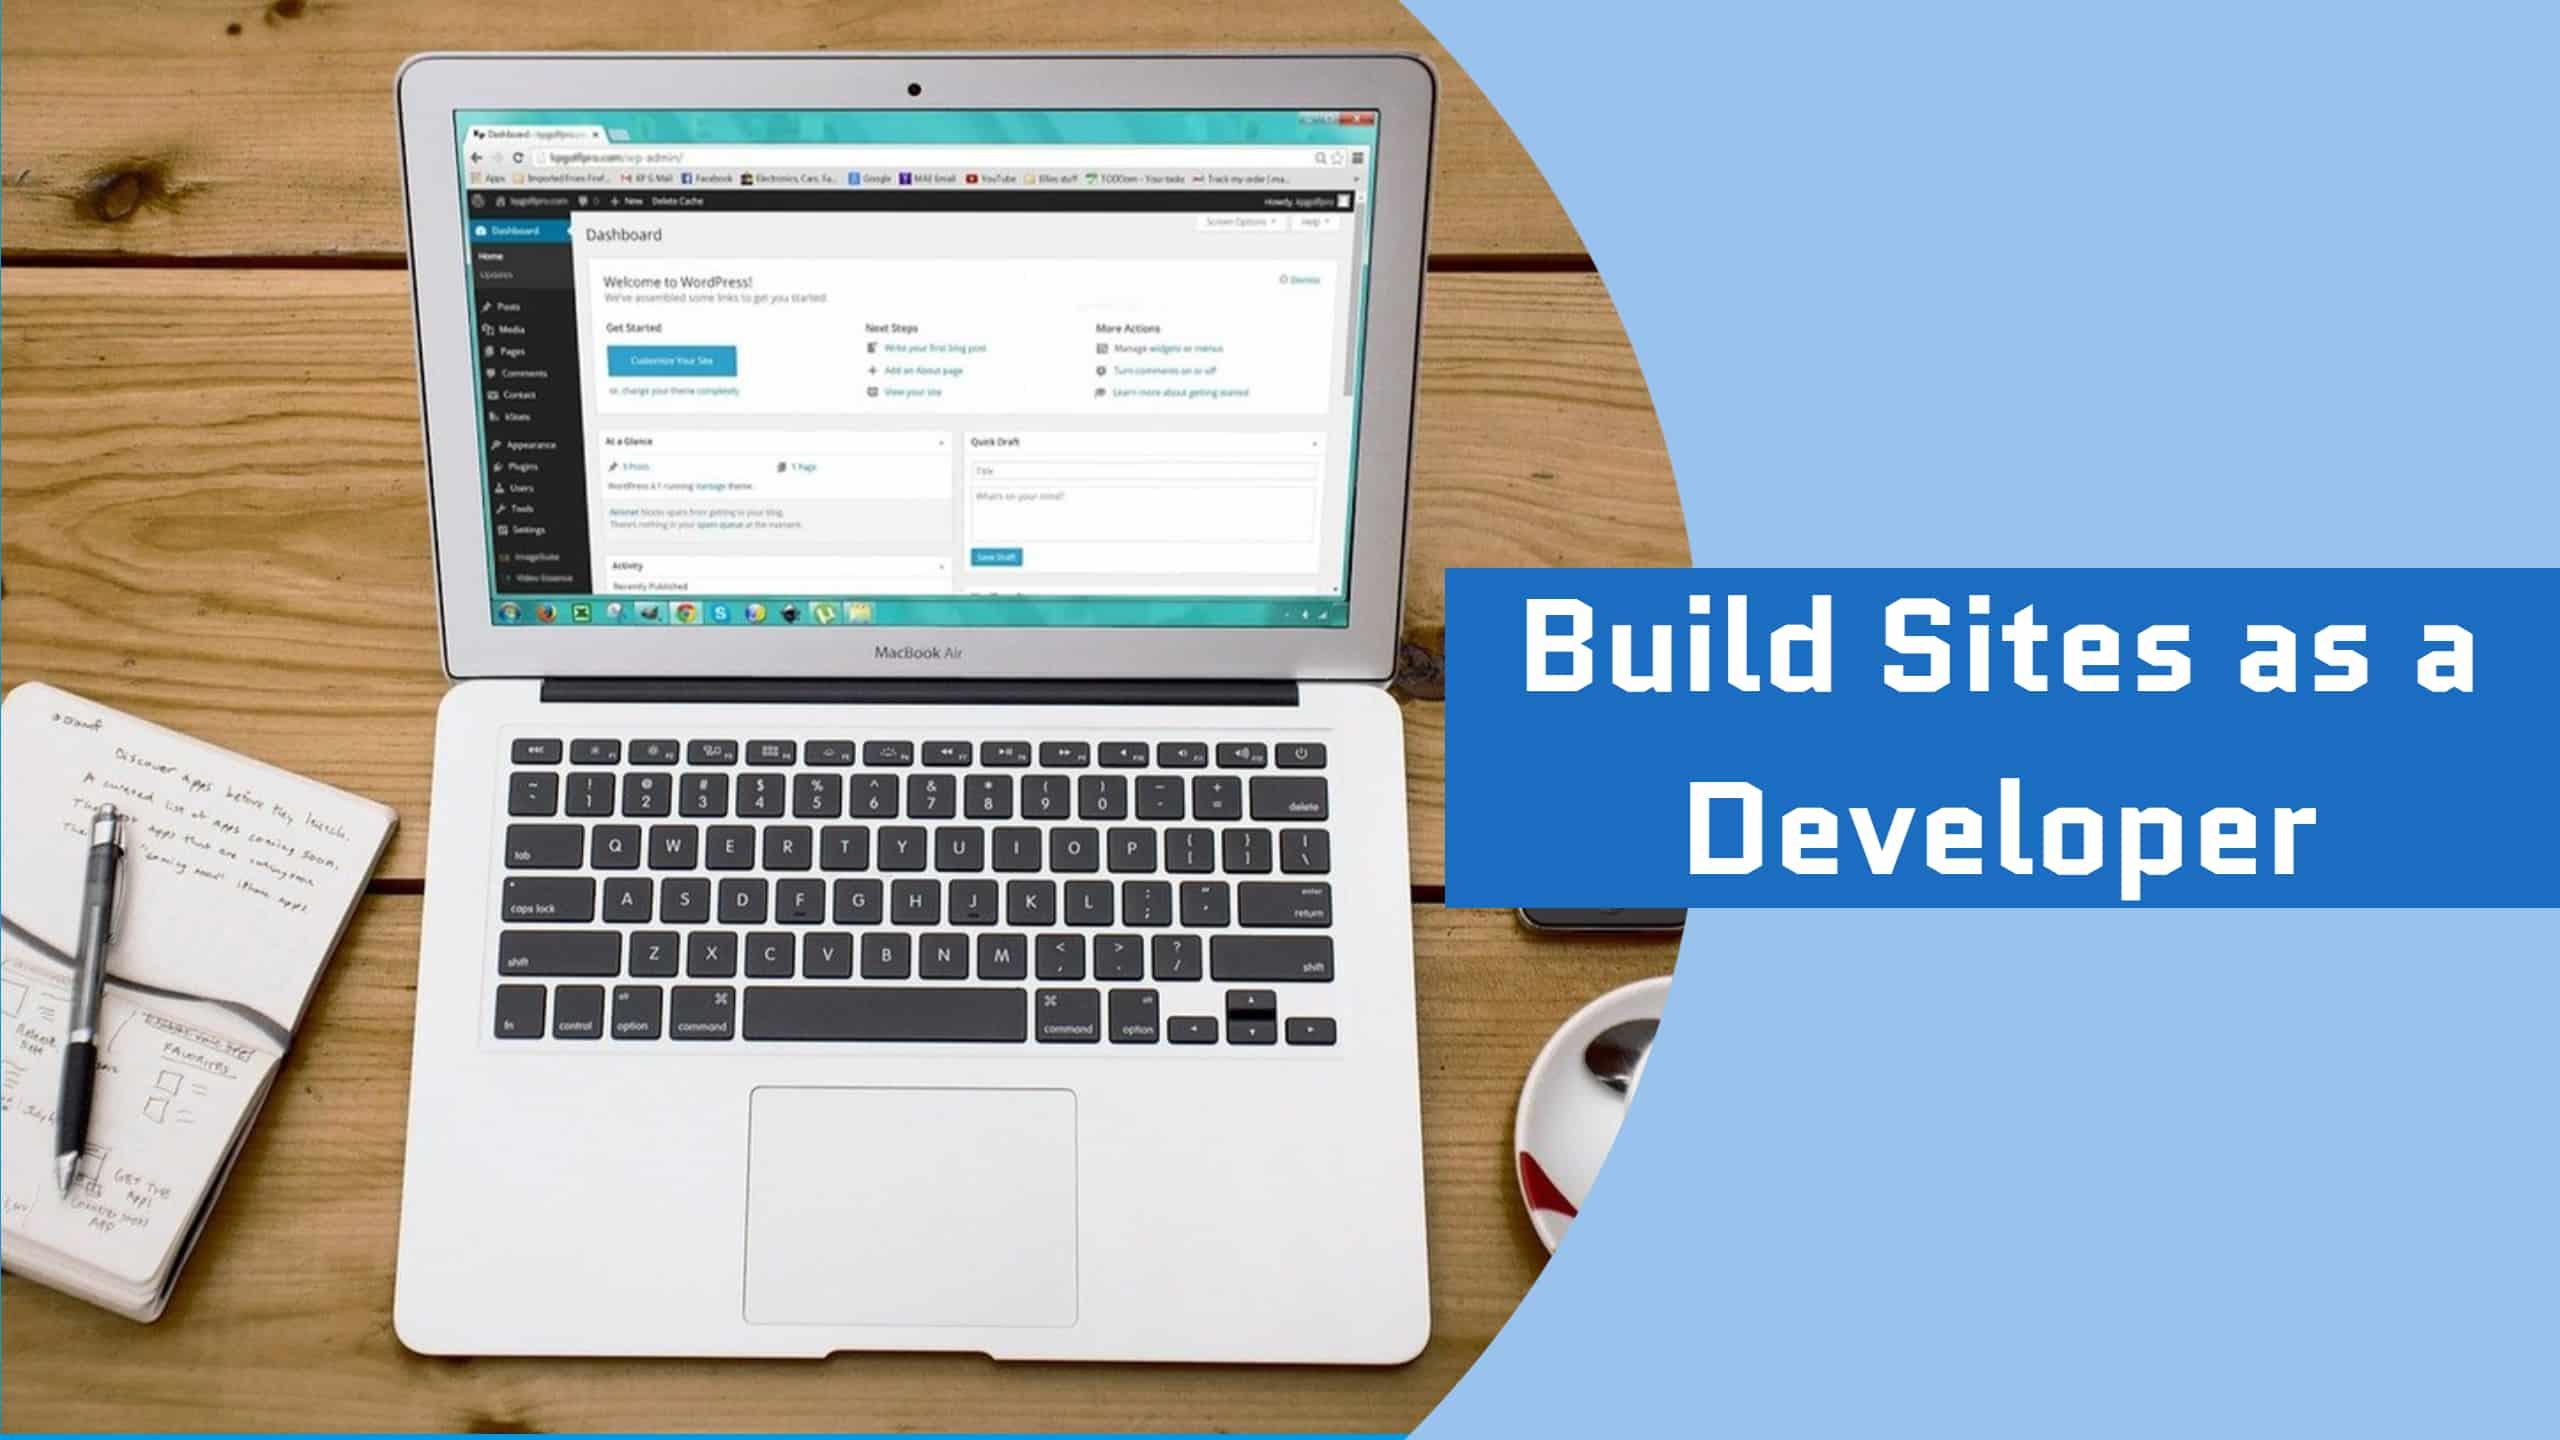 Build Sites as a Developer